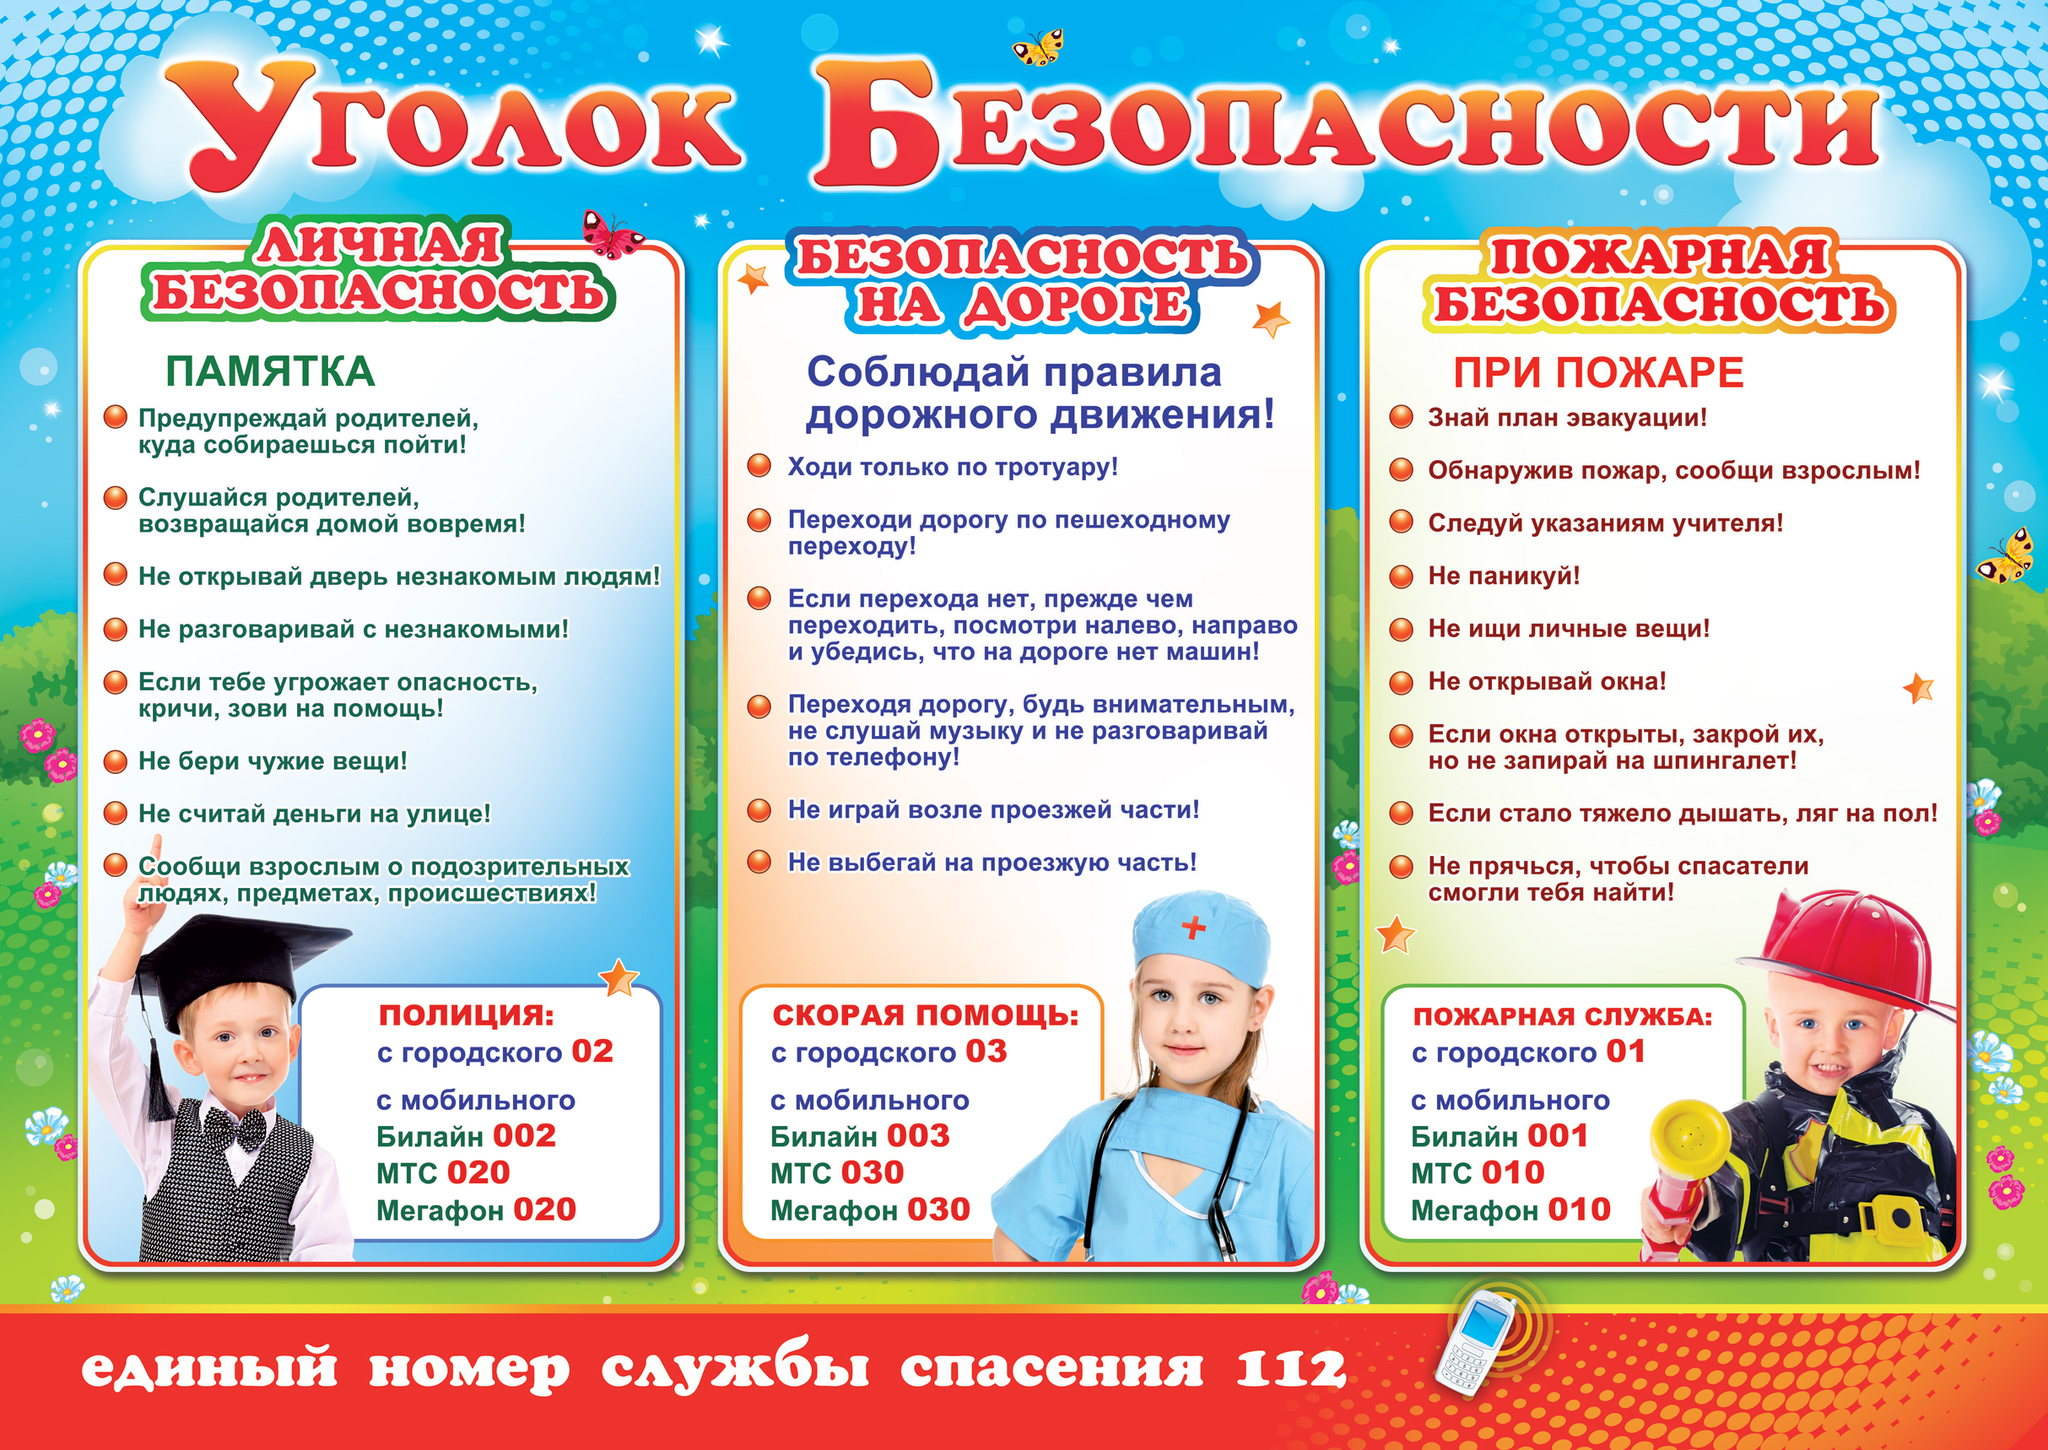 Сохранение здоровья на дороге плакат 13 фотография